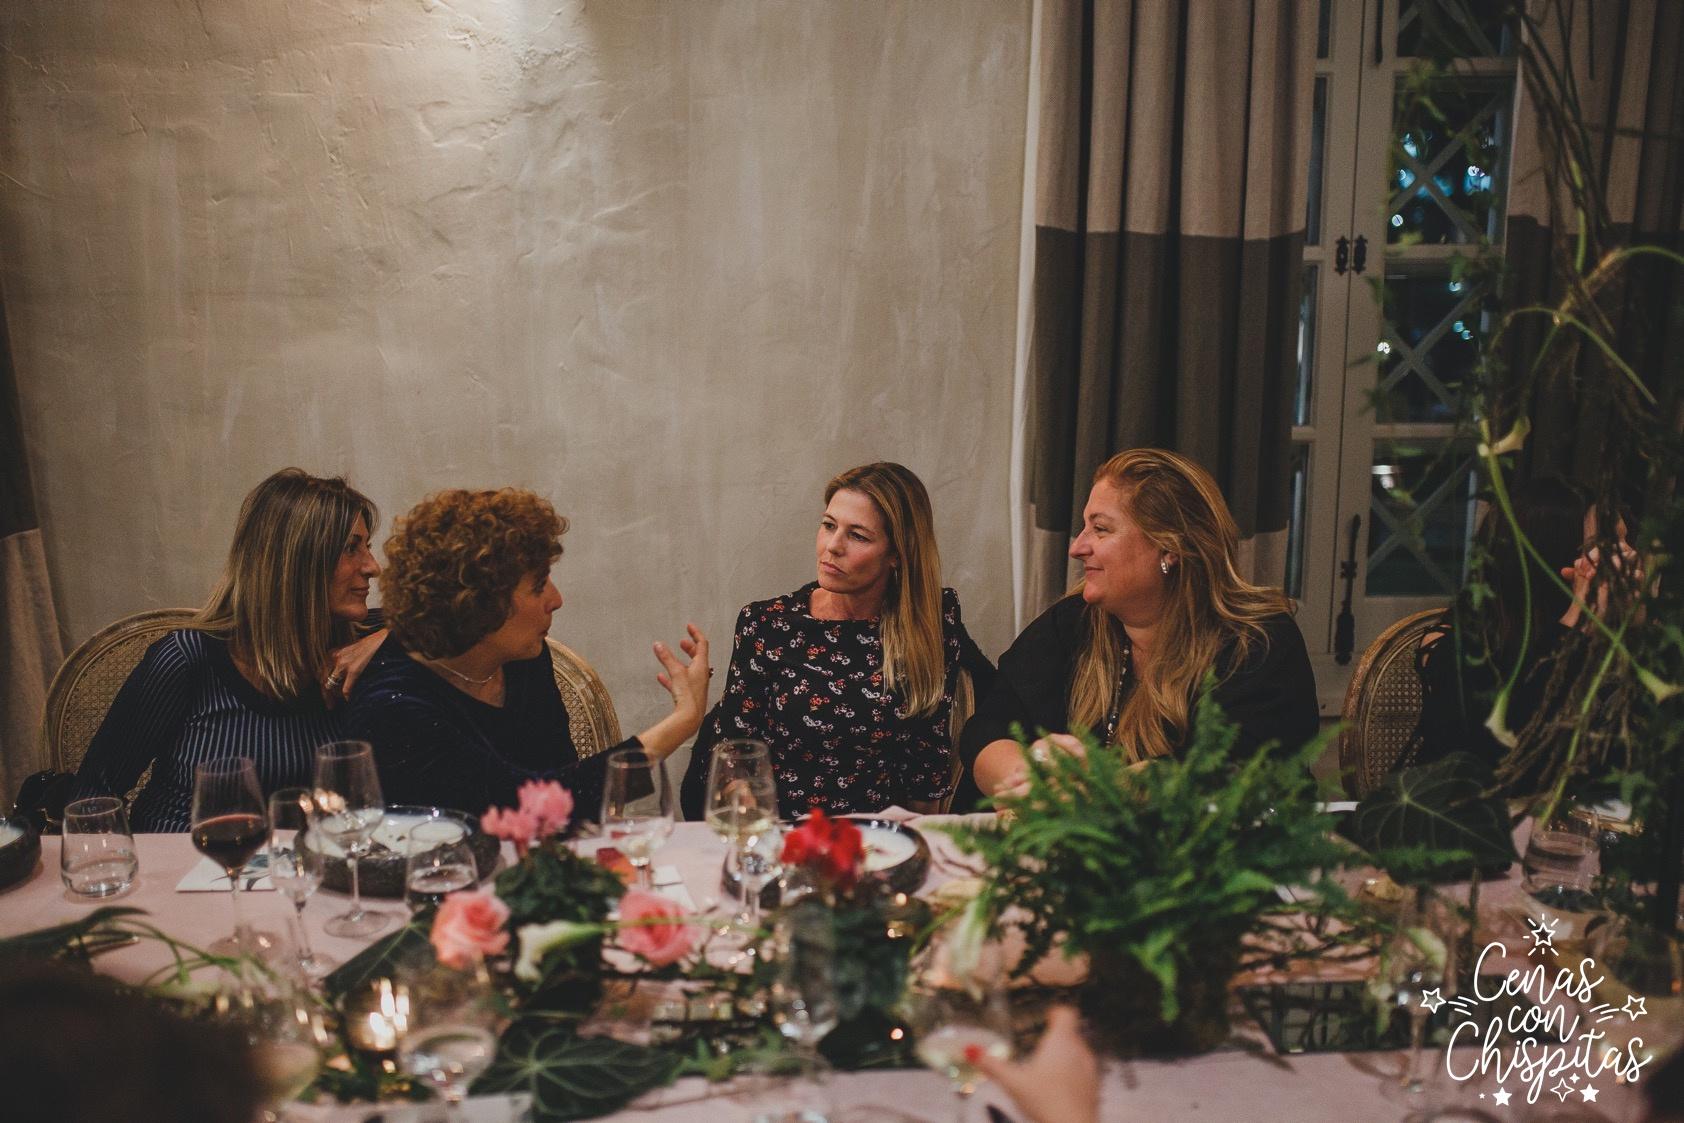 Cena con Chispitas- Juande Serrano-Atelier Dani García-147